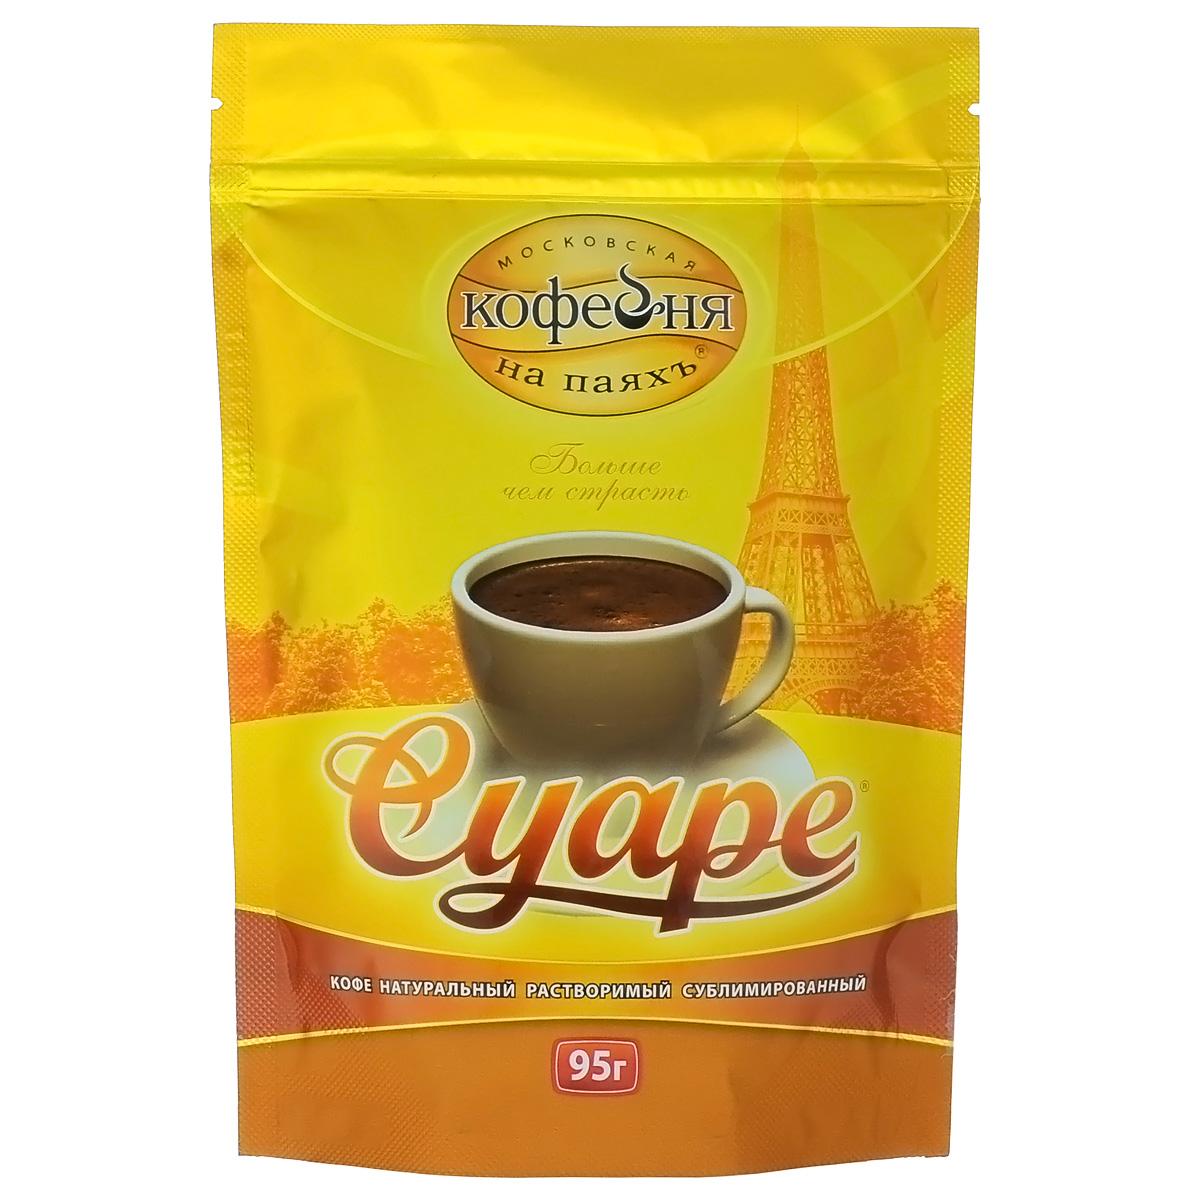 Московская кофейня на паяхъ Суаре кофе растворимый, пакет 95 г476698Кофе натуральный растворимый сублимированный Московская кофейня на паяхъ Суаре. Создателей этого кофе вдохновила беззаботная атмосфера парижских кофеен. Этот крепкий, с благородной горчинкой кофе подойдет и для романтического вечера вдвоем, и для перерыва посреди напряженного рабочего дня.